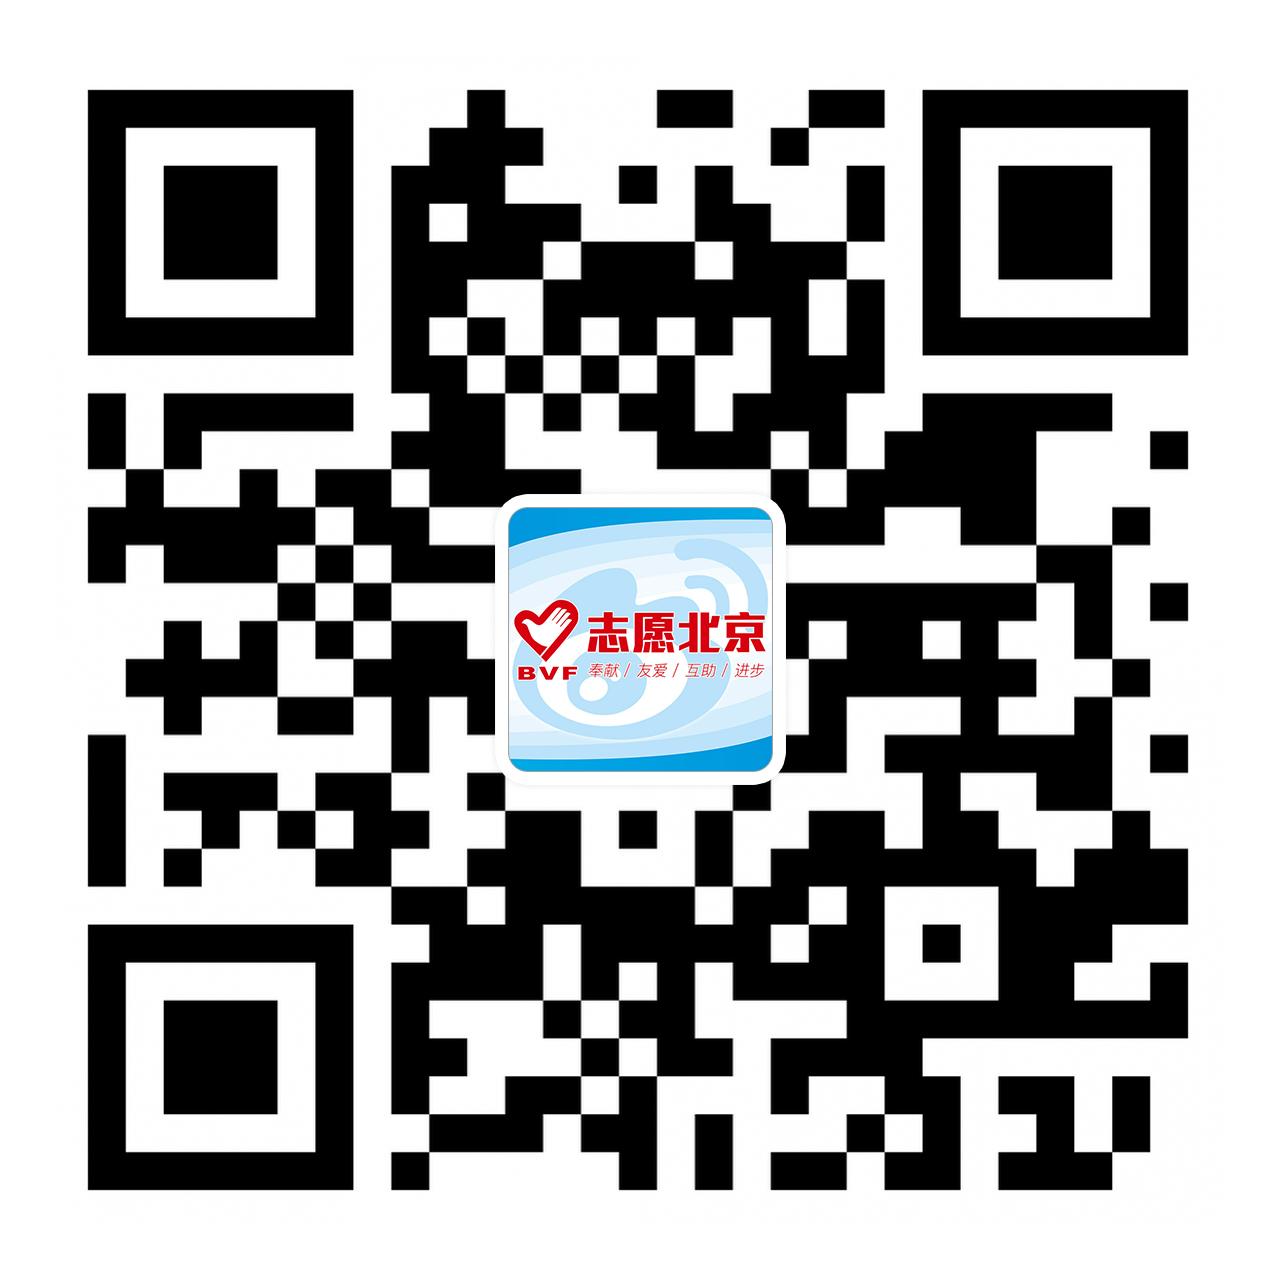 志愿北京微博二维码